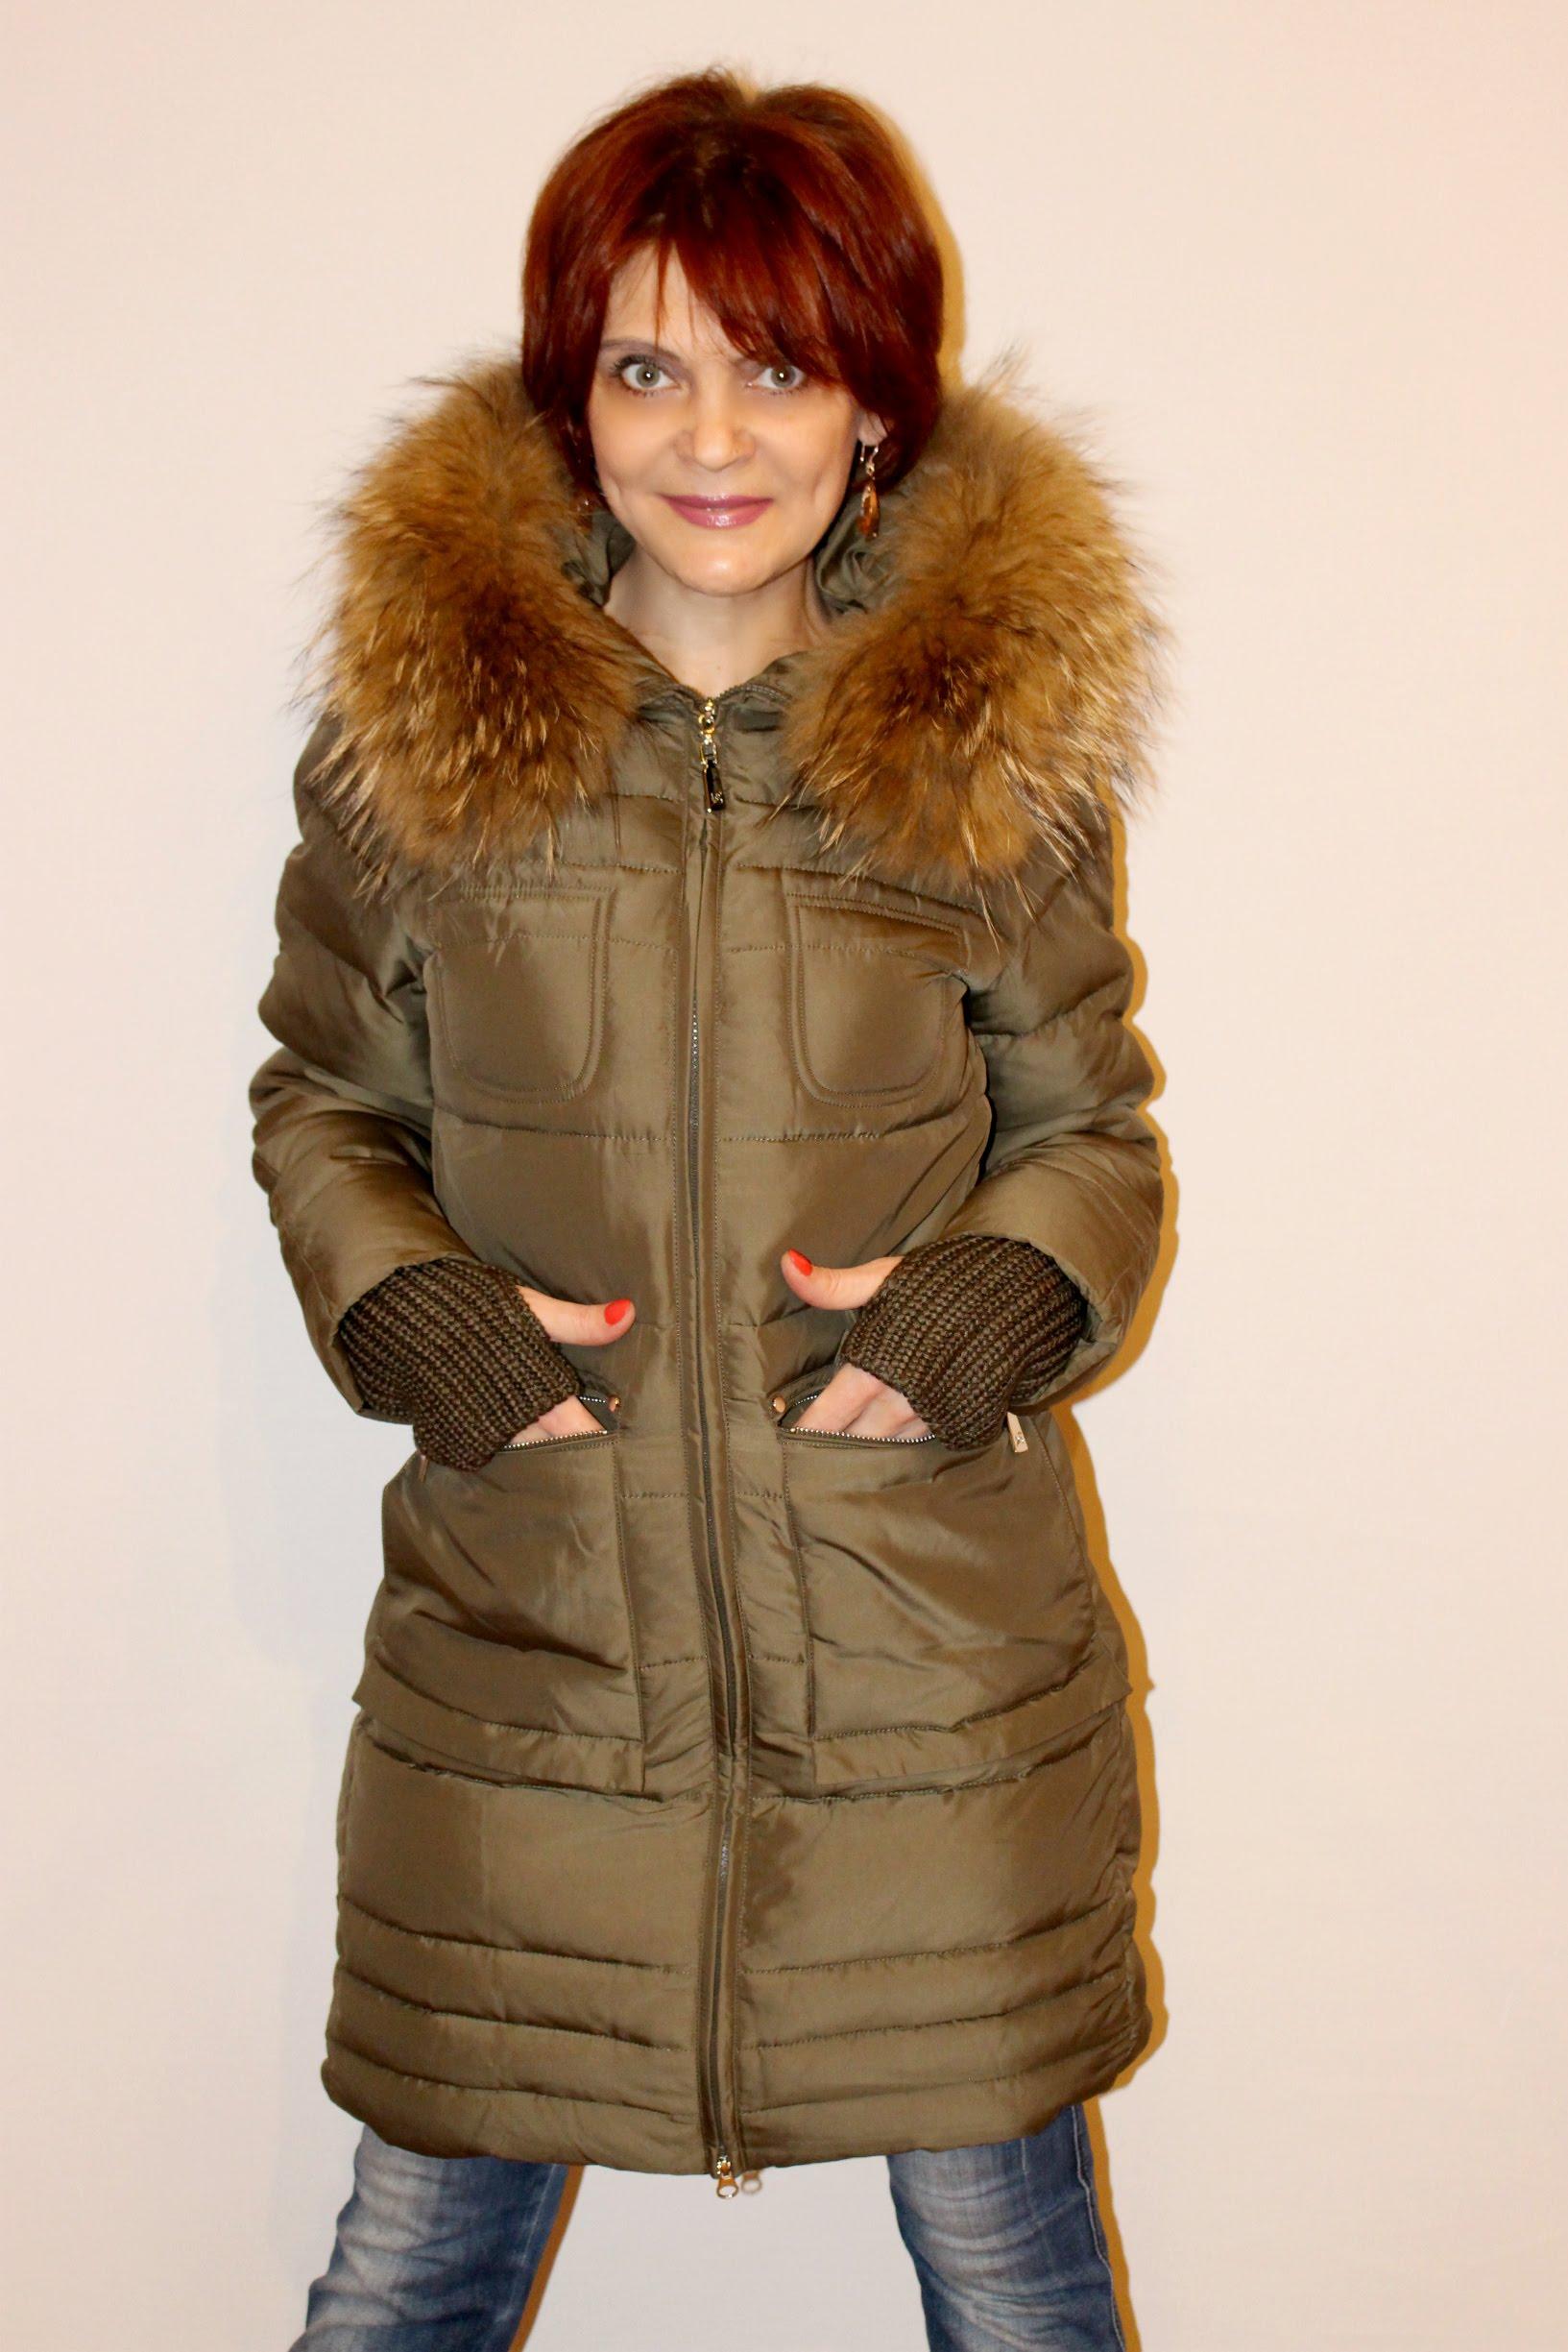 dba73a4acbd Основными предметами зимнего гардероба являются пуховики и куртки. Трендом  сезона как и прежде станут женские зимние куртки с капюшоном и мехом ...